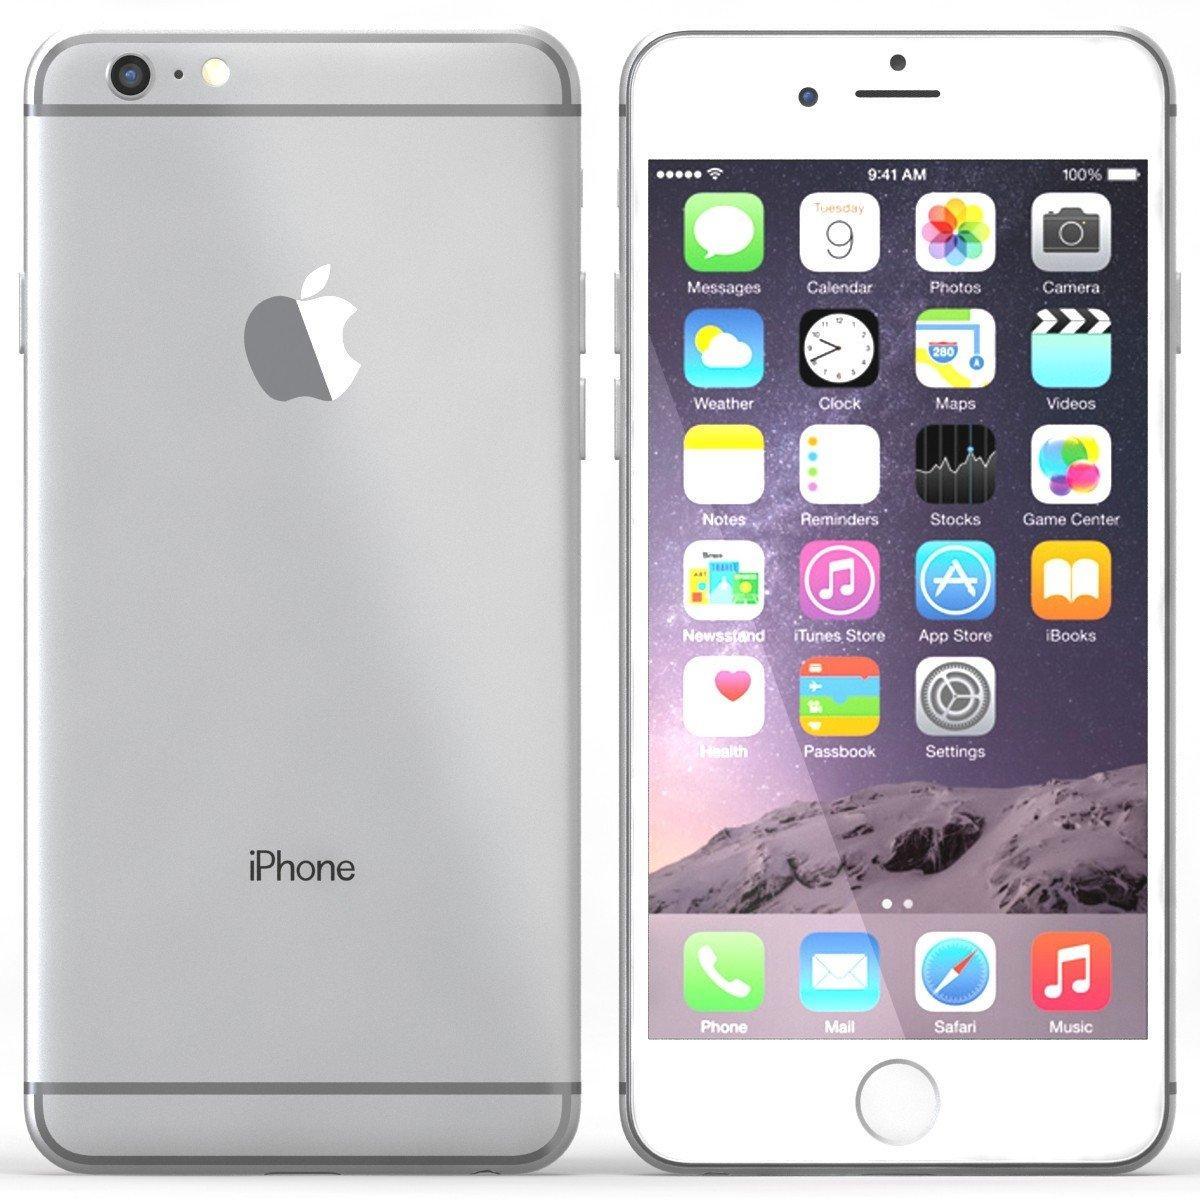 Айфон 6 плюс: характеристики, цена, отзывы, обзор